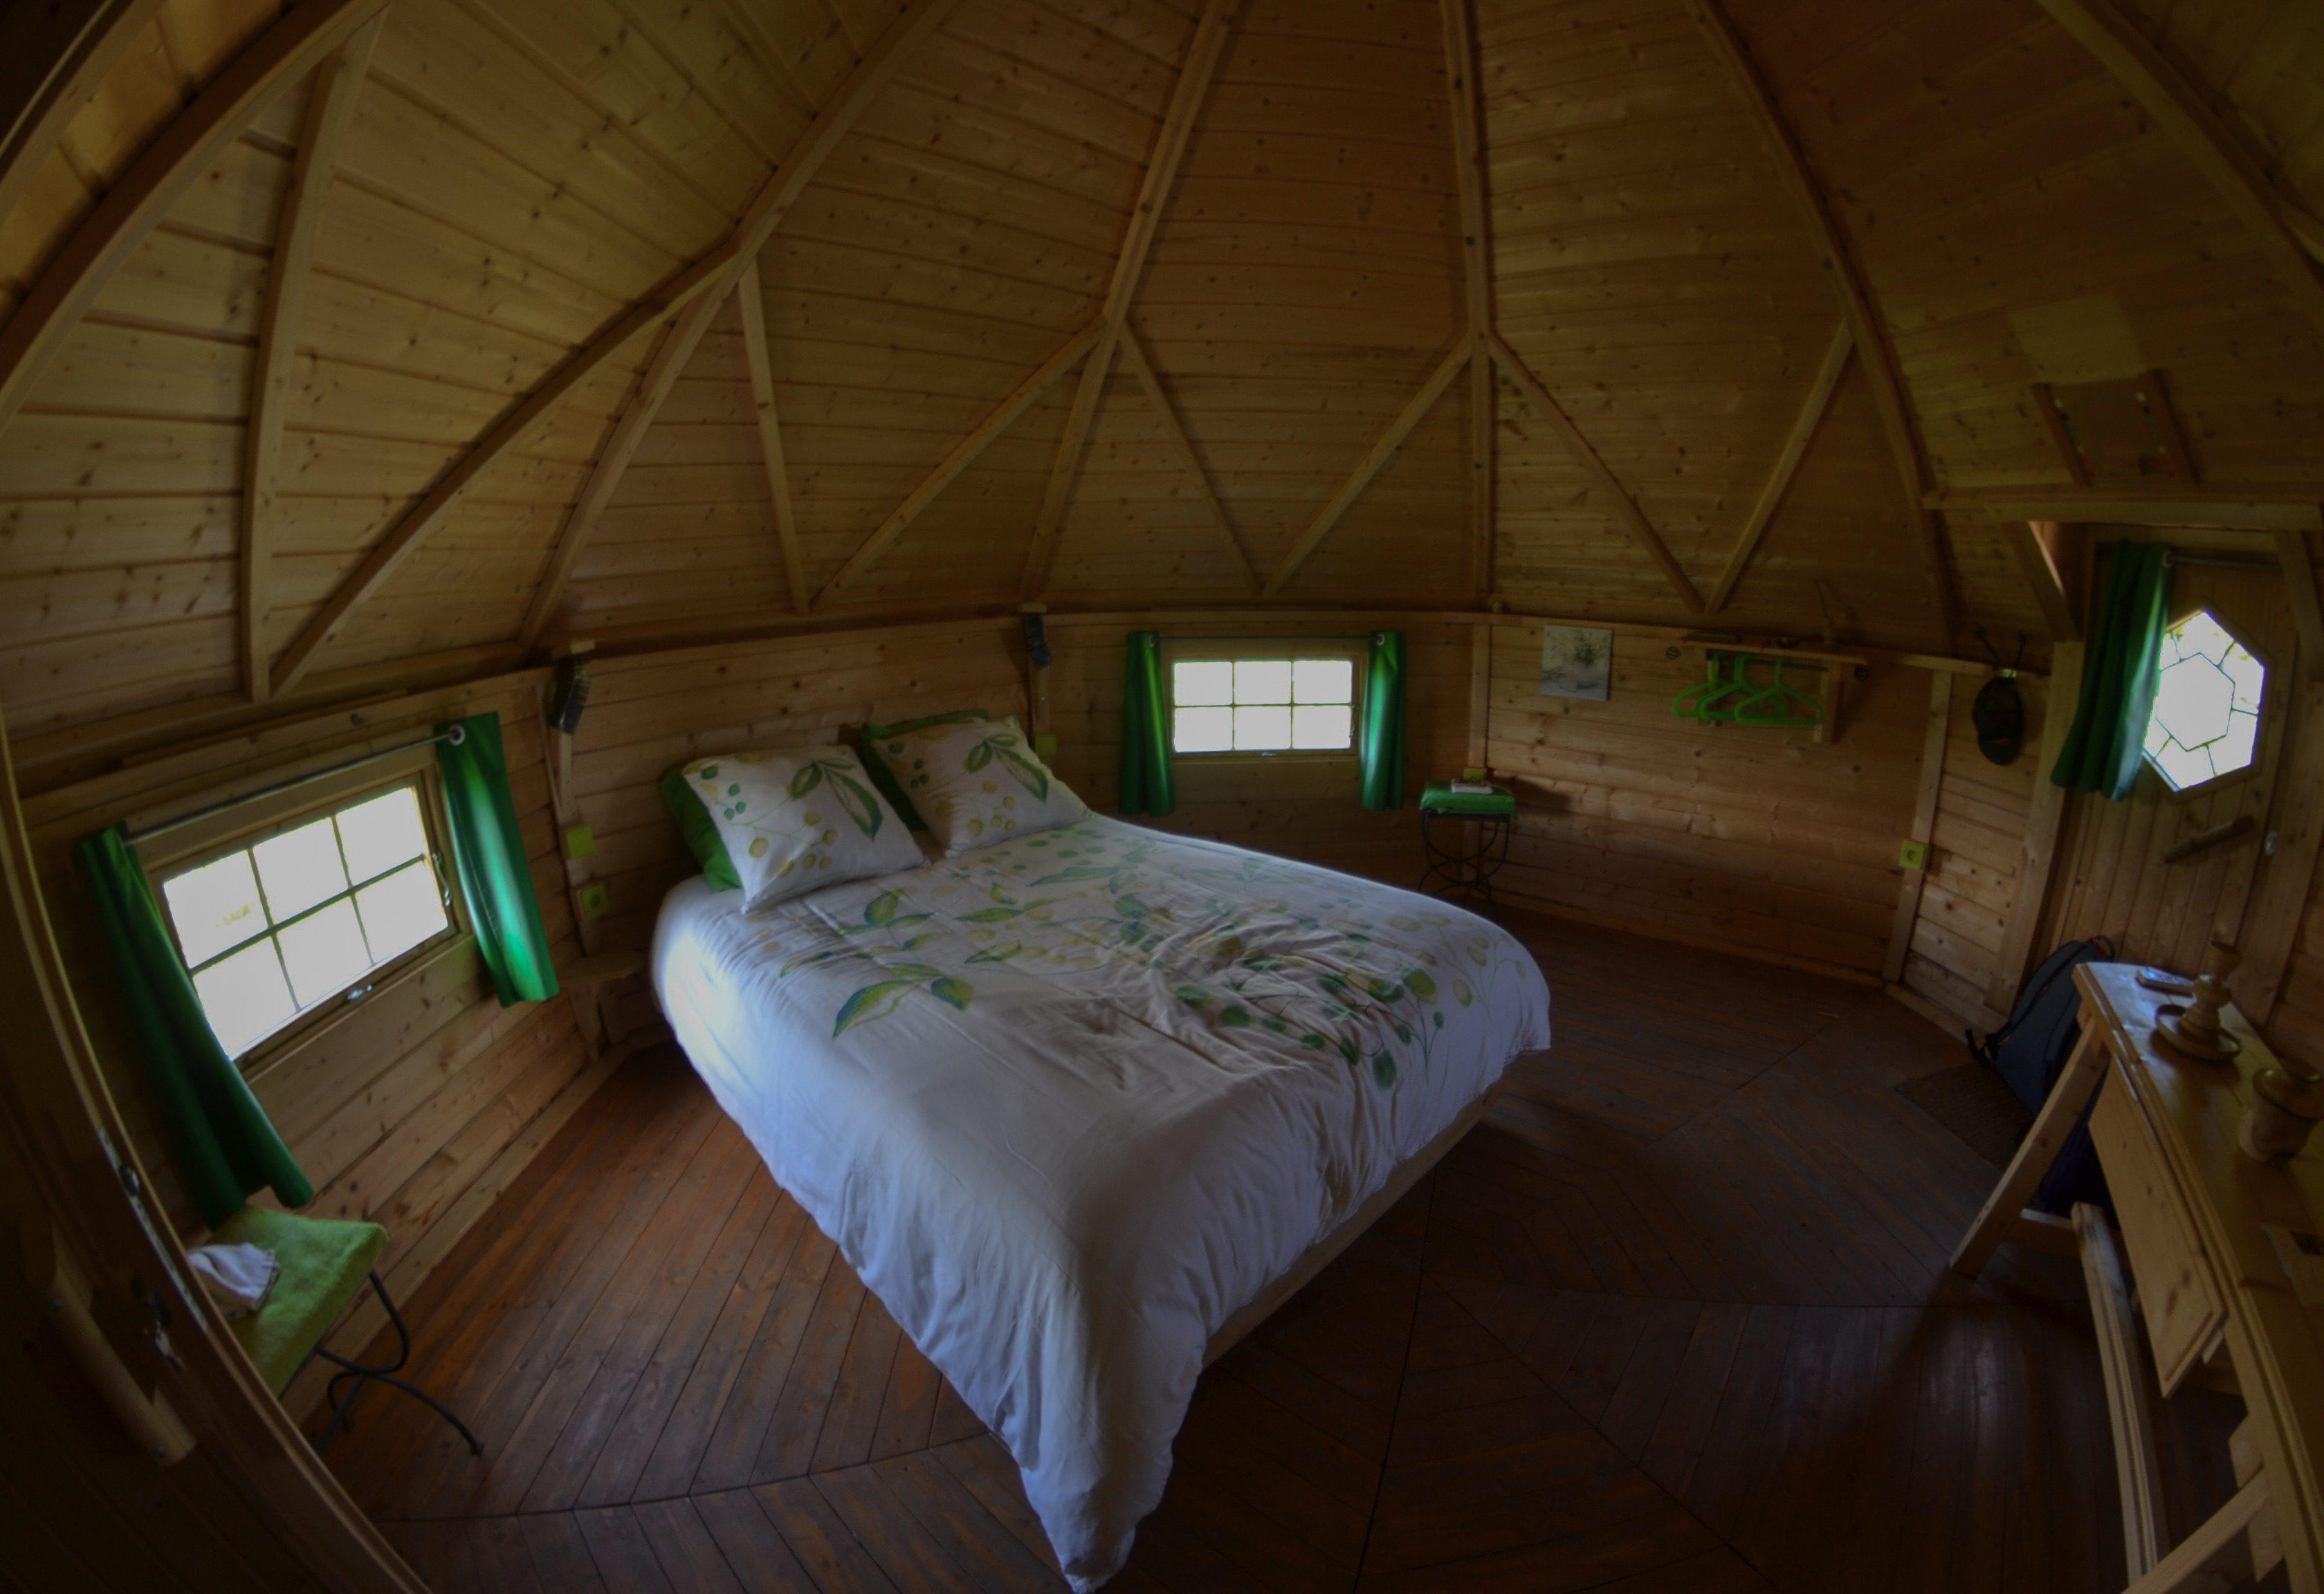 dormir-dans-une-kota-Bergerac-nuit-insolite-quoi-faire-a-bergerac-ou-dormir-a-bergerac-nuit-insolite-a-bergerac-blog-voyage-les-p'tits-touristes